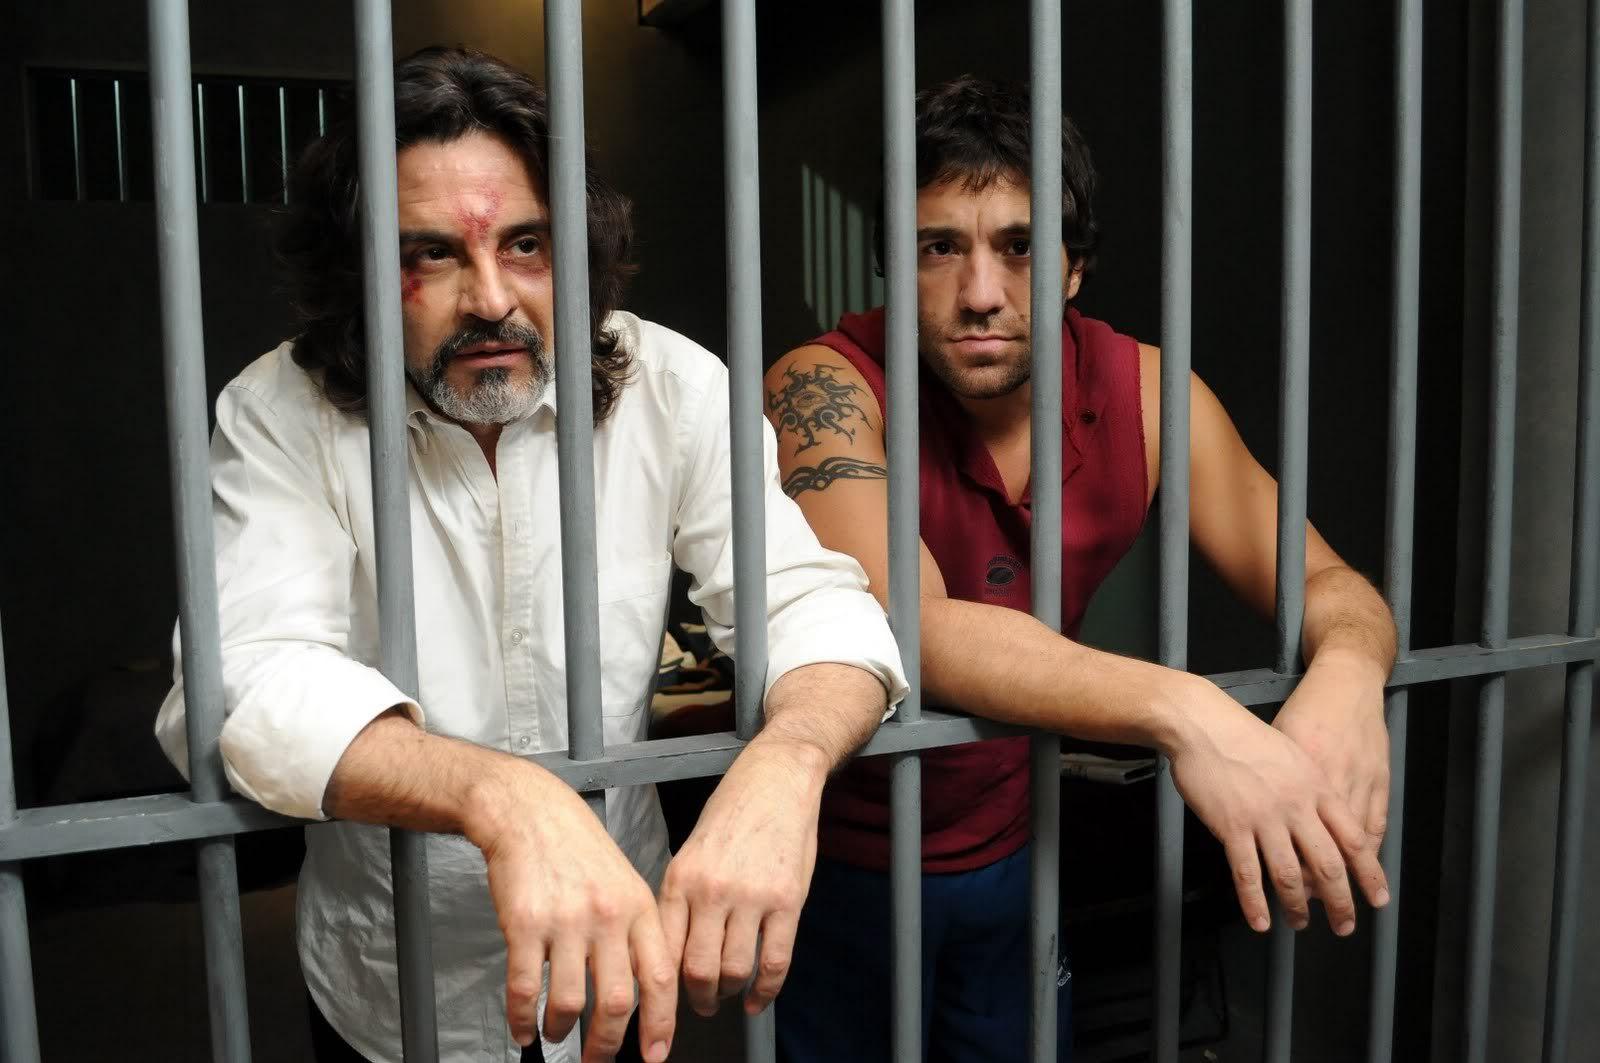 Rodolfo es llevado a prisión  RodolfoyPucho1